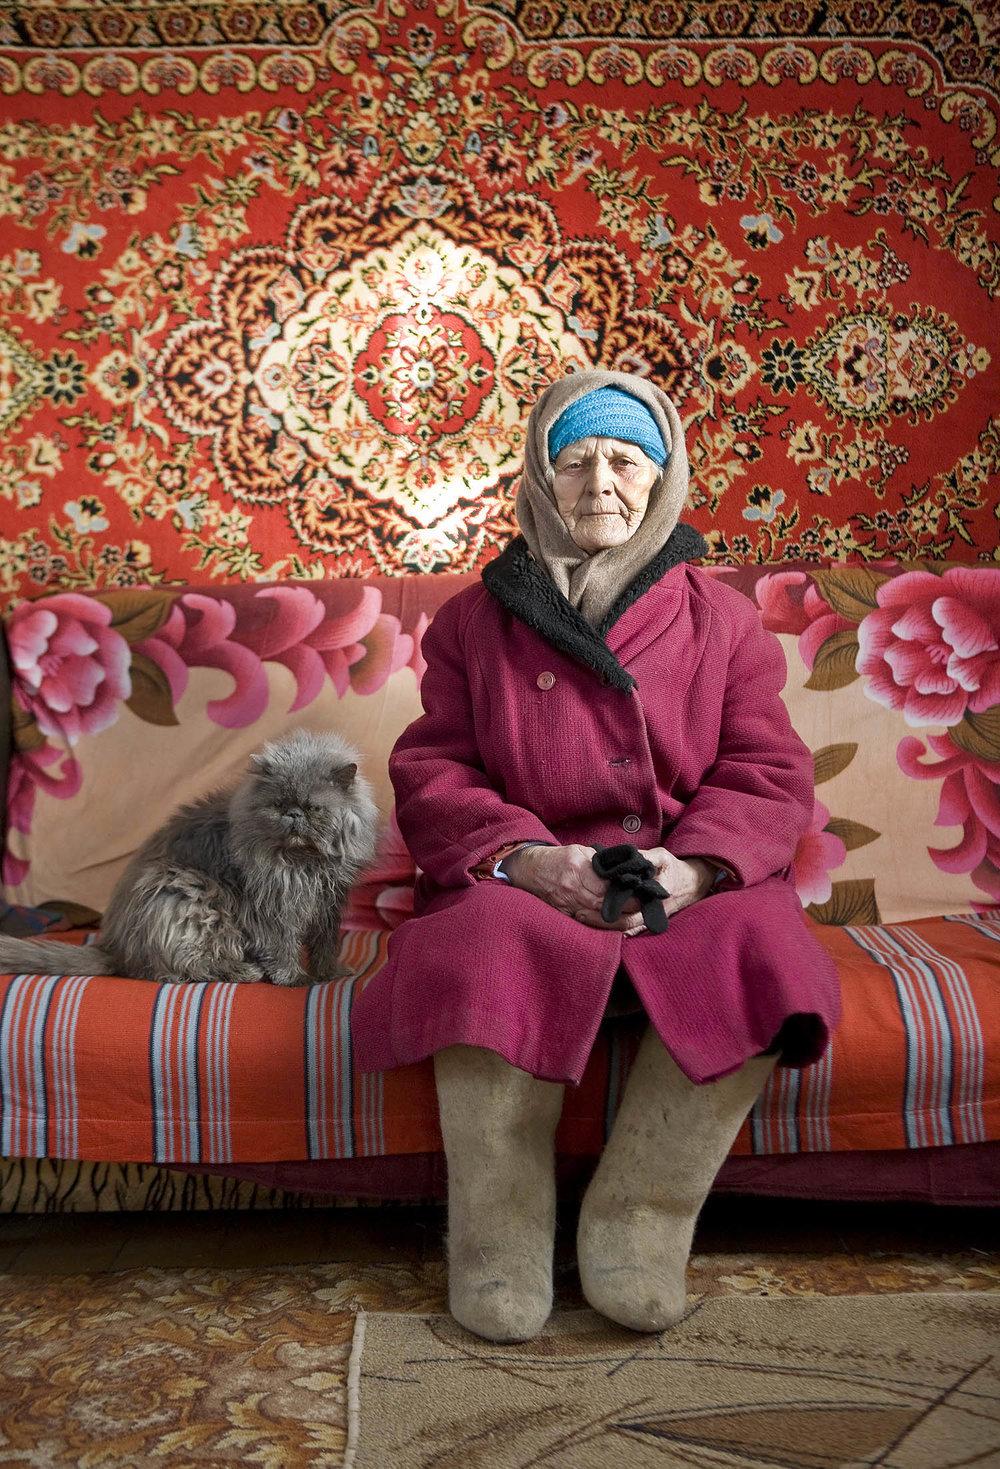 frankherfort_babushka_2010_2.jpg